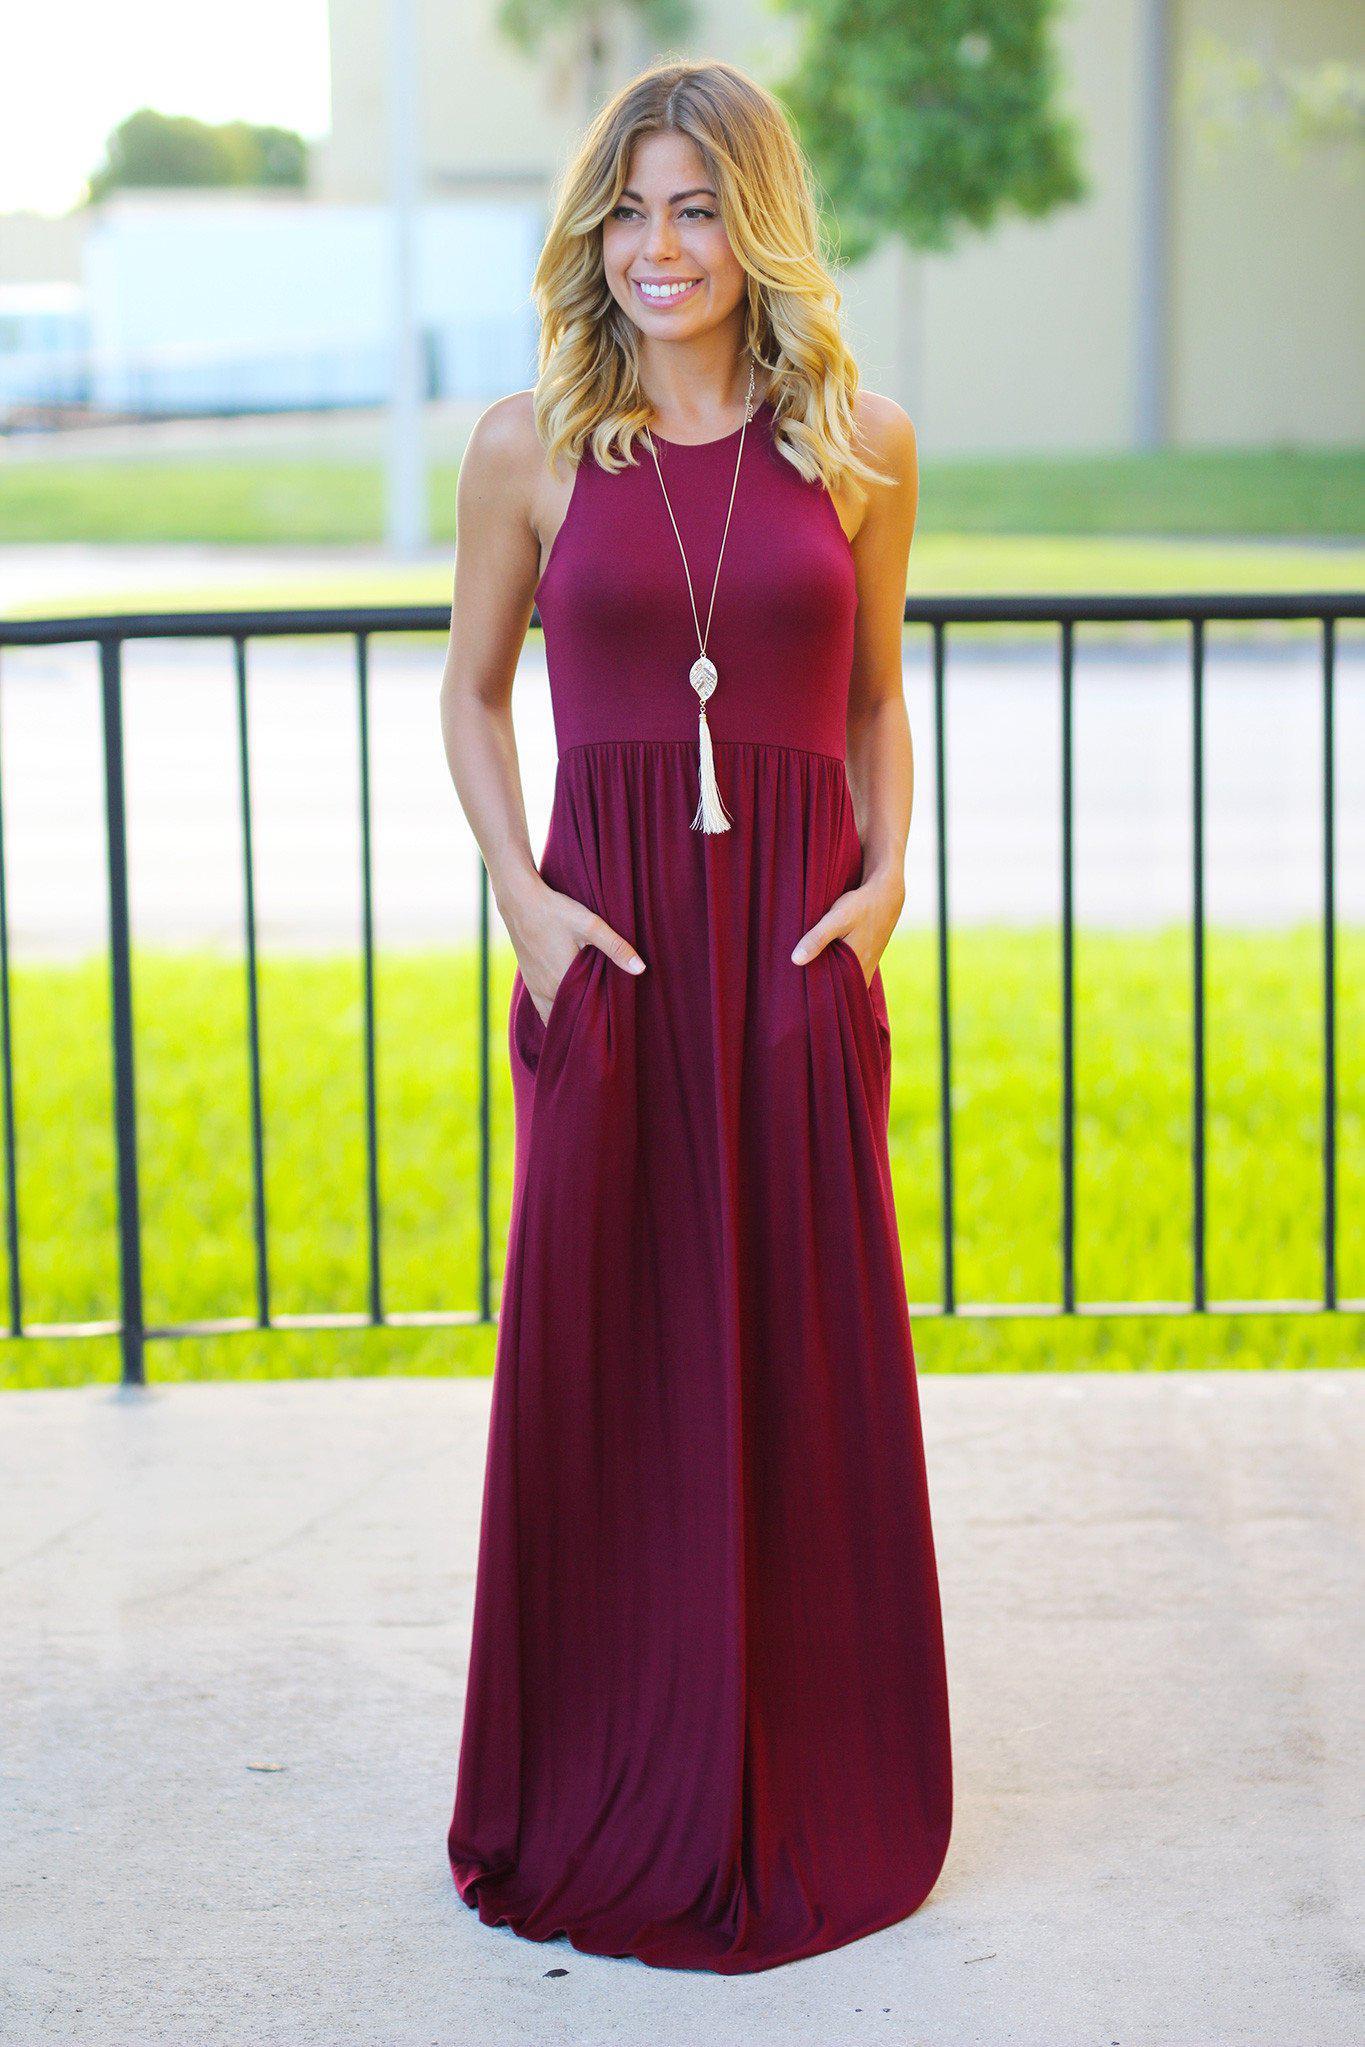 Fullsize Of Burgundy Maxi Dress